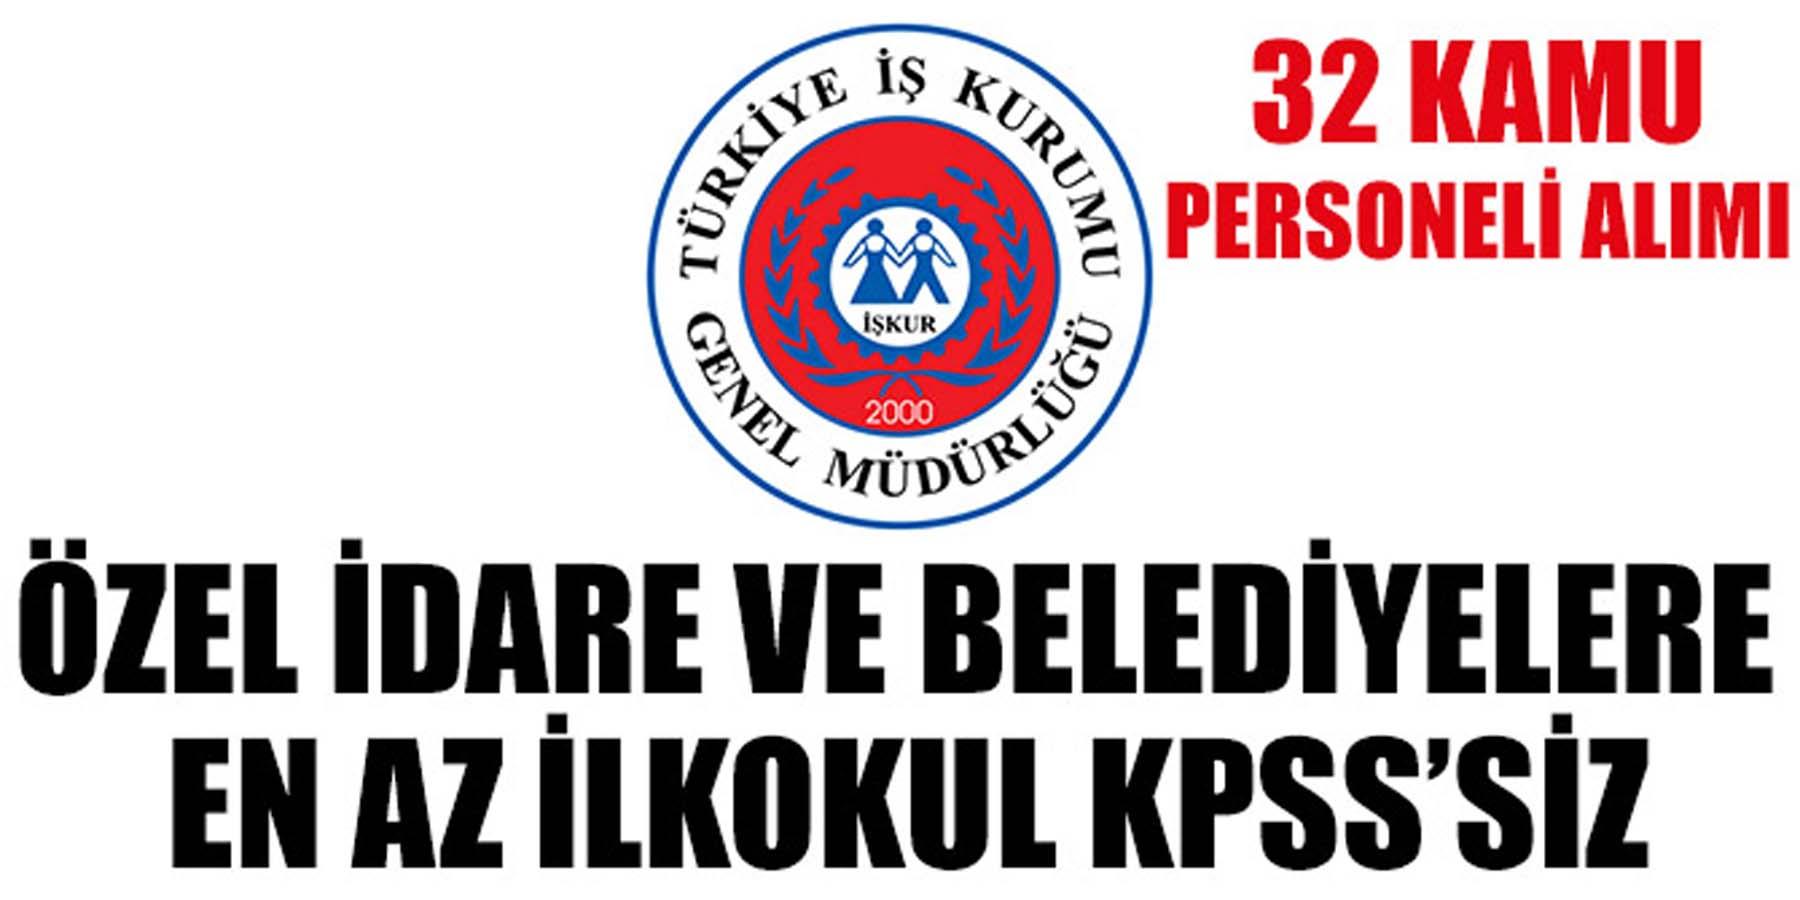 İŞKUR'dan 10 Aralık 2018 Özel İdare ve Belediyelere KPSS'siz 32 Kamu Personeli Alımı